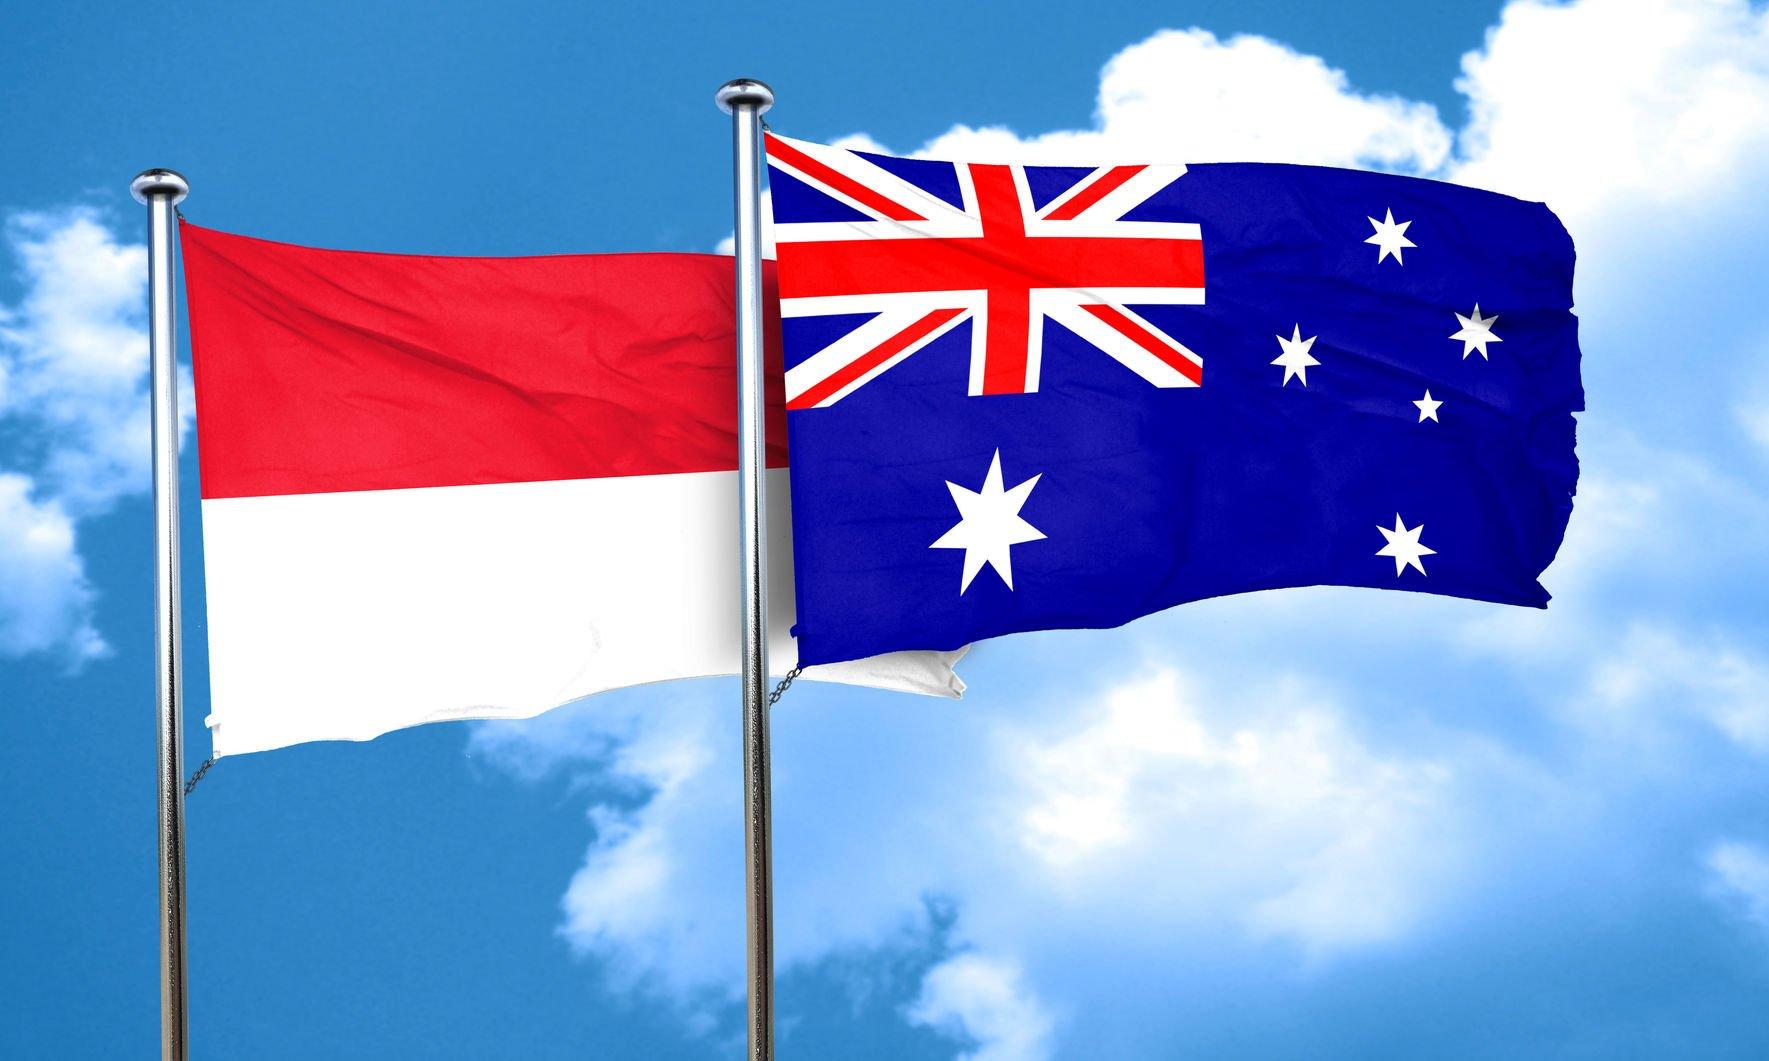 Kesepakatan dagang Indonesia-Australia